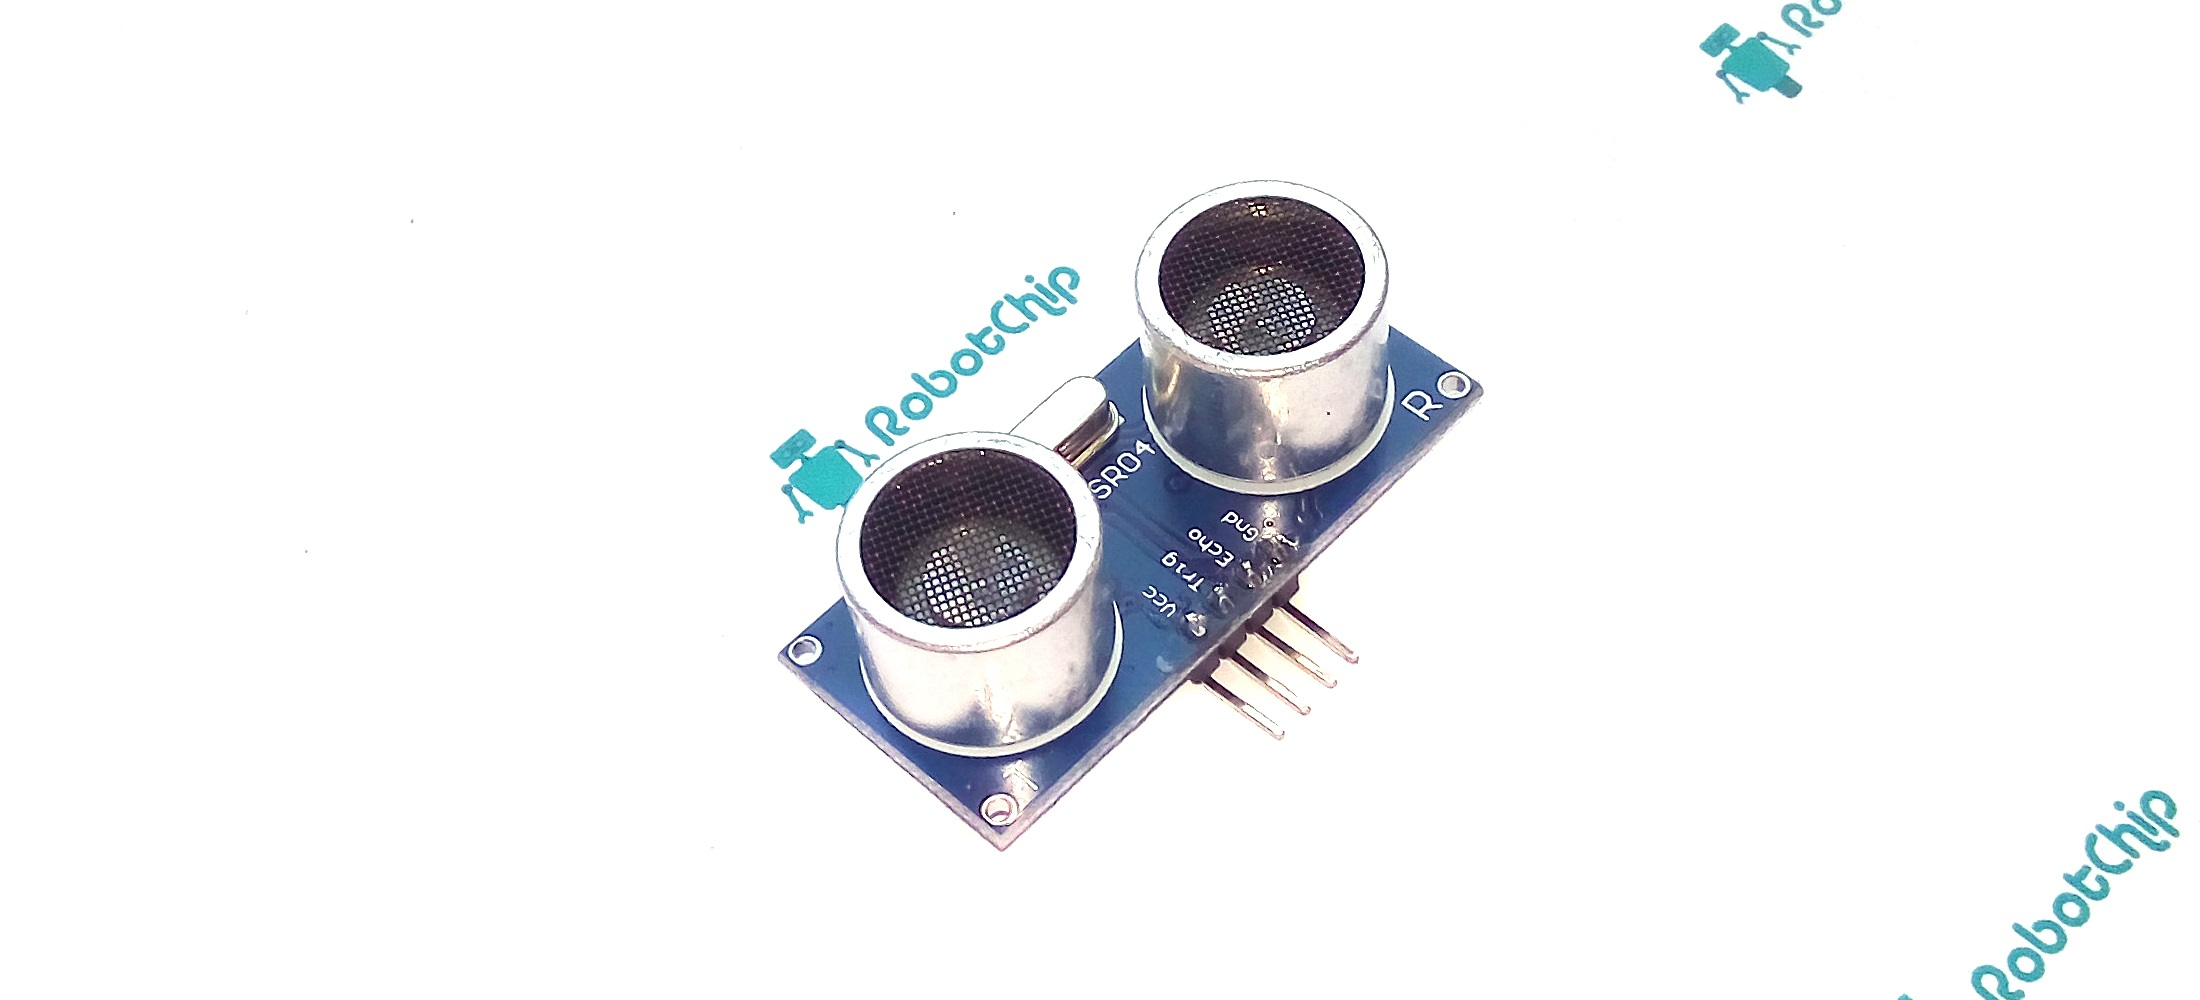 Обзор ультразвукового датчика расстояния HC-SR04